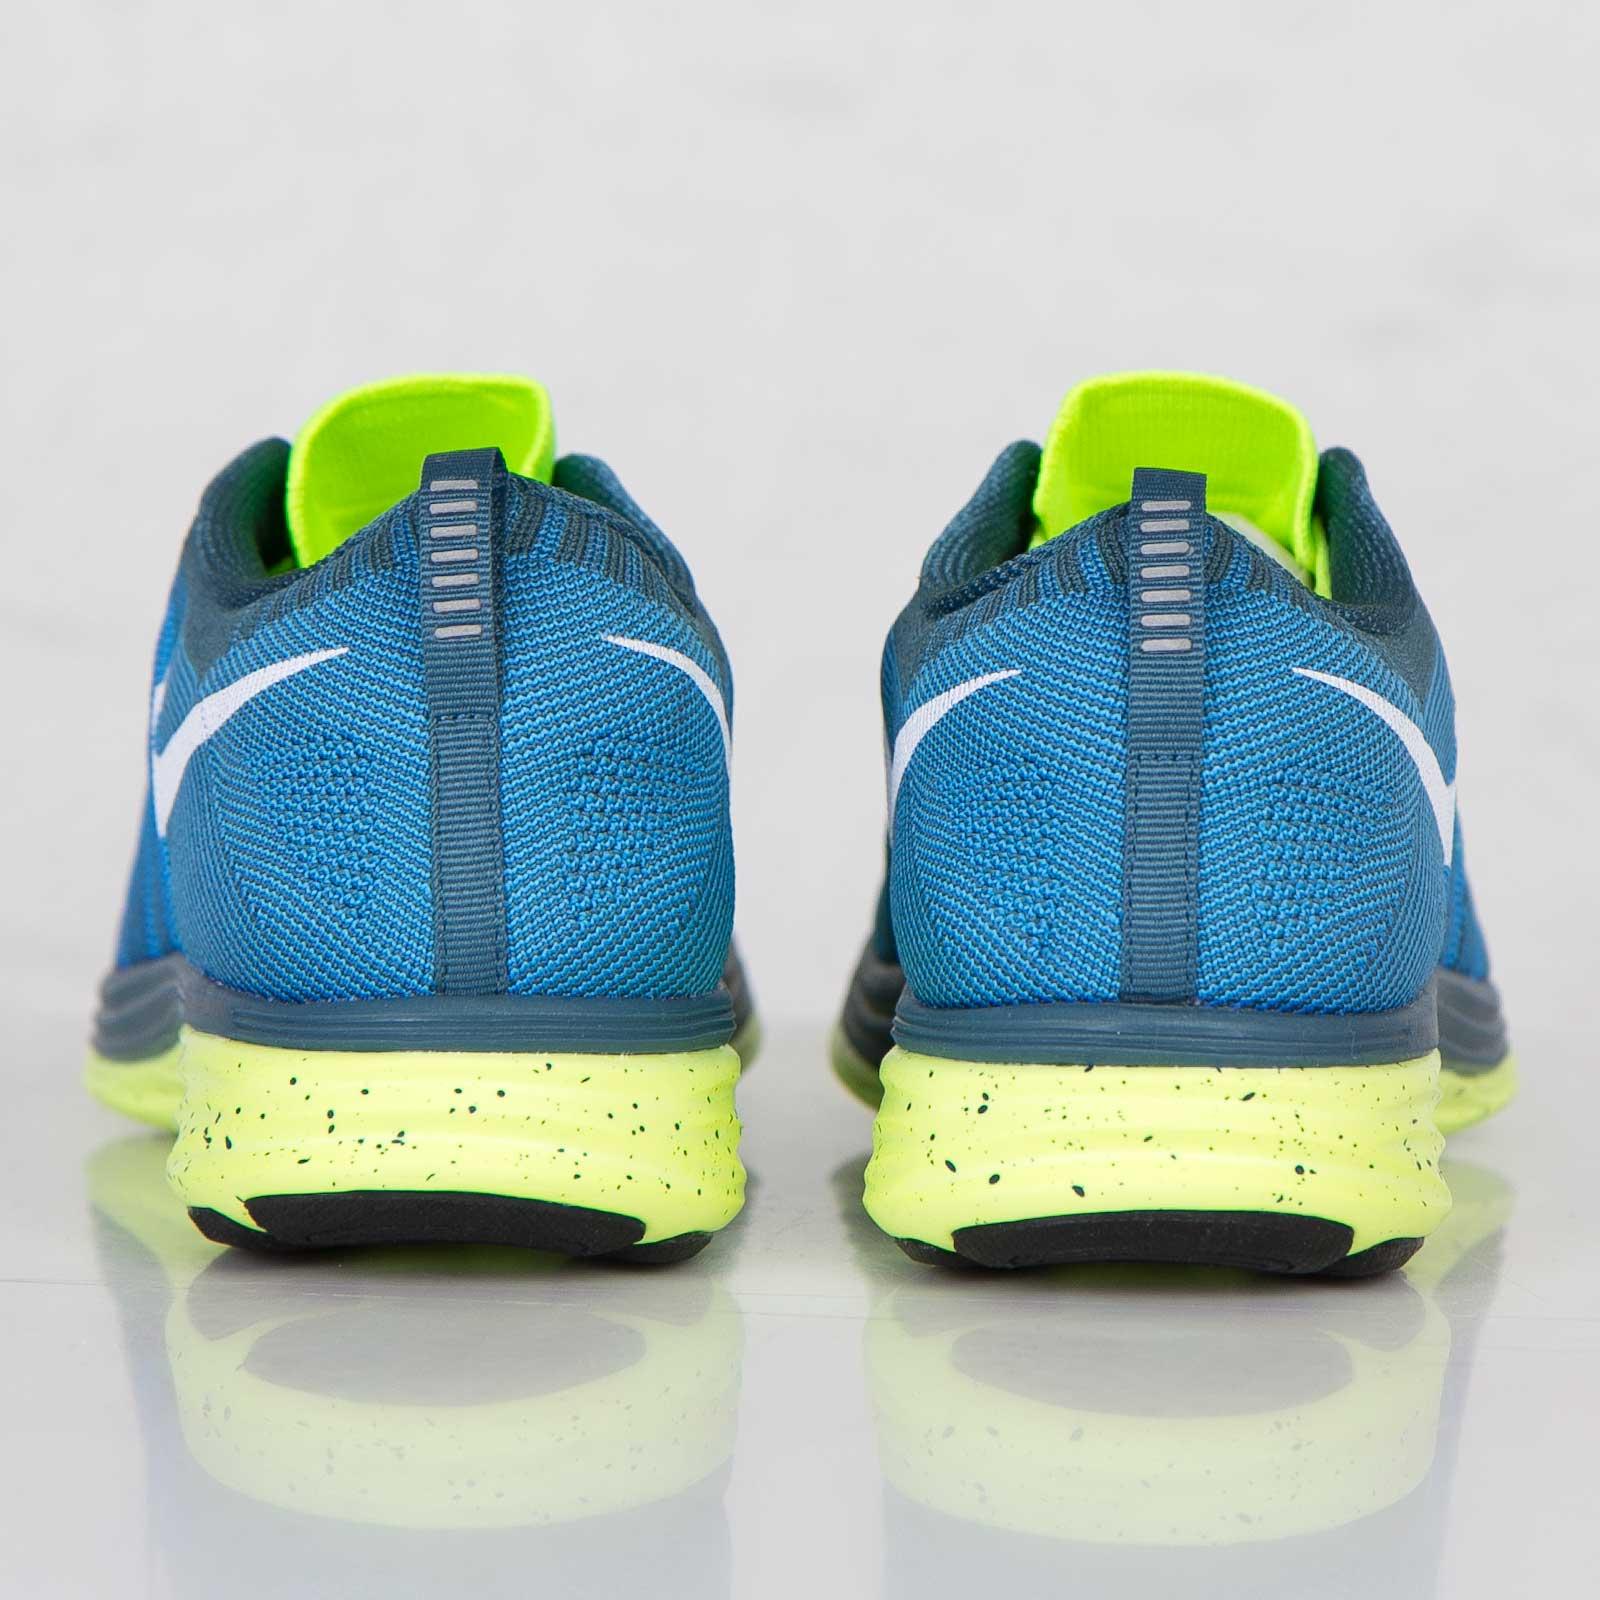 separation shoes cb116 74a25 Nike Flyknit Lunar2 - 620465-714 - Sneakersnstuff   sneakers   streetwear  online since 1999